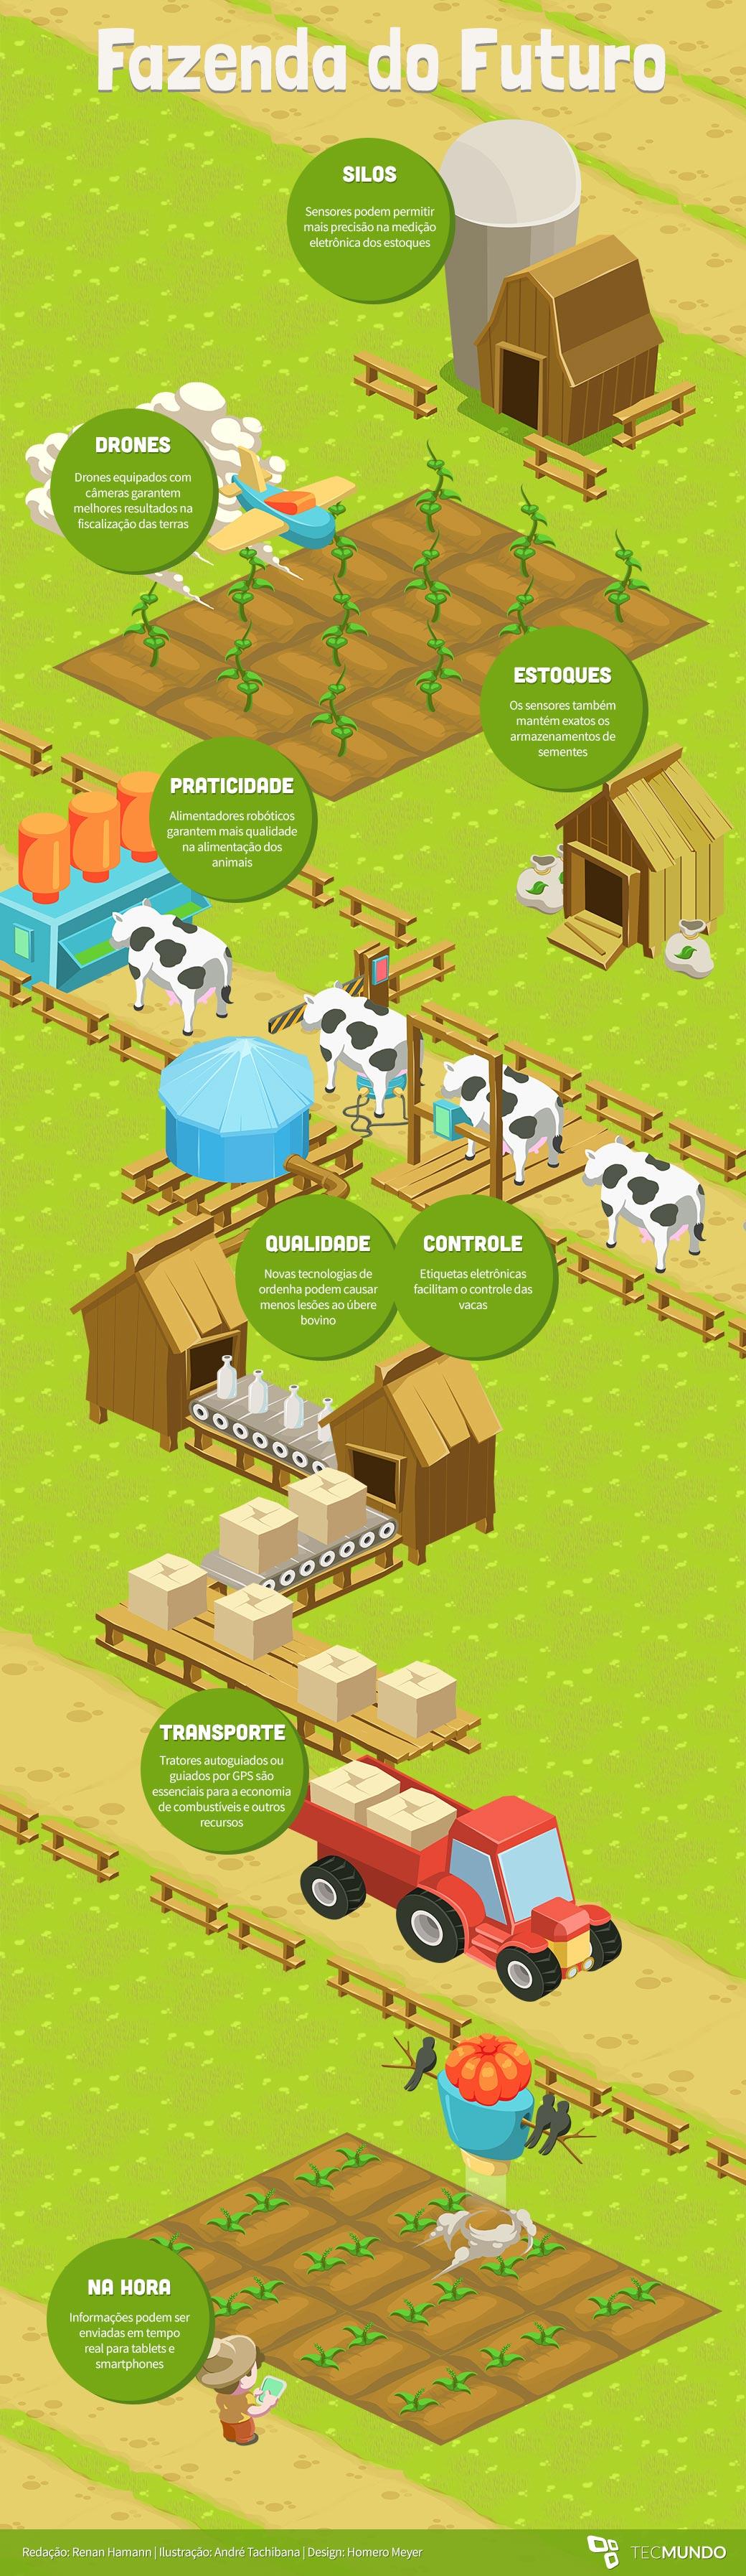 Fazenda do futuro: como a tecnologia está mudando o campo [ilustração]